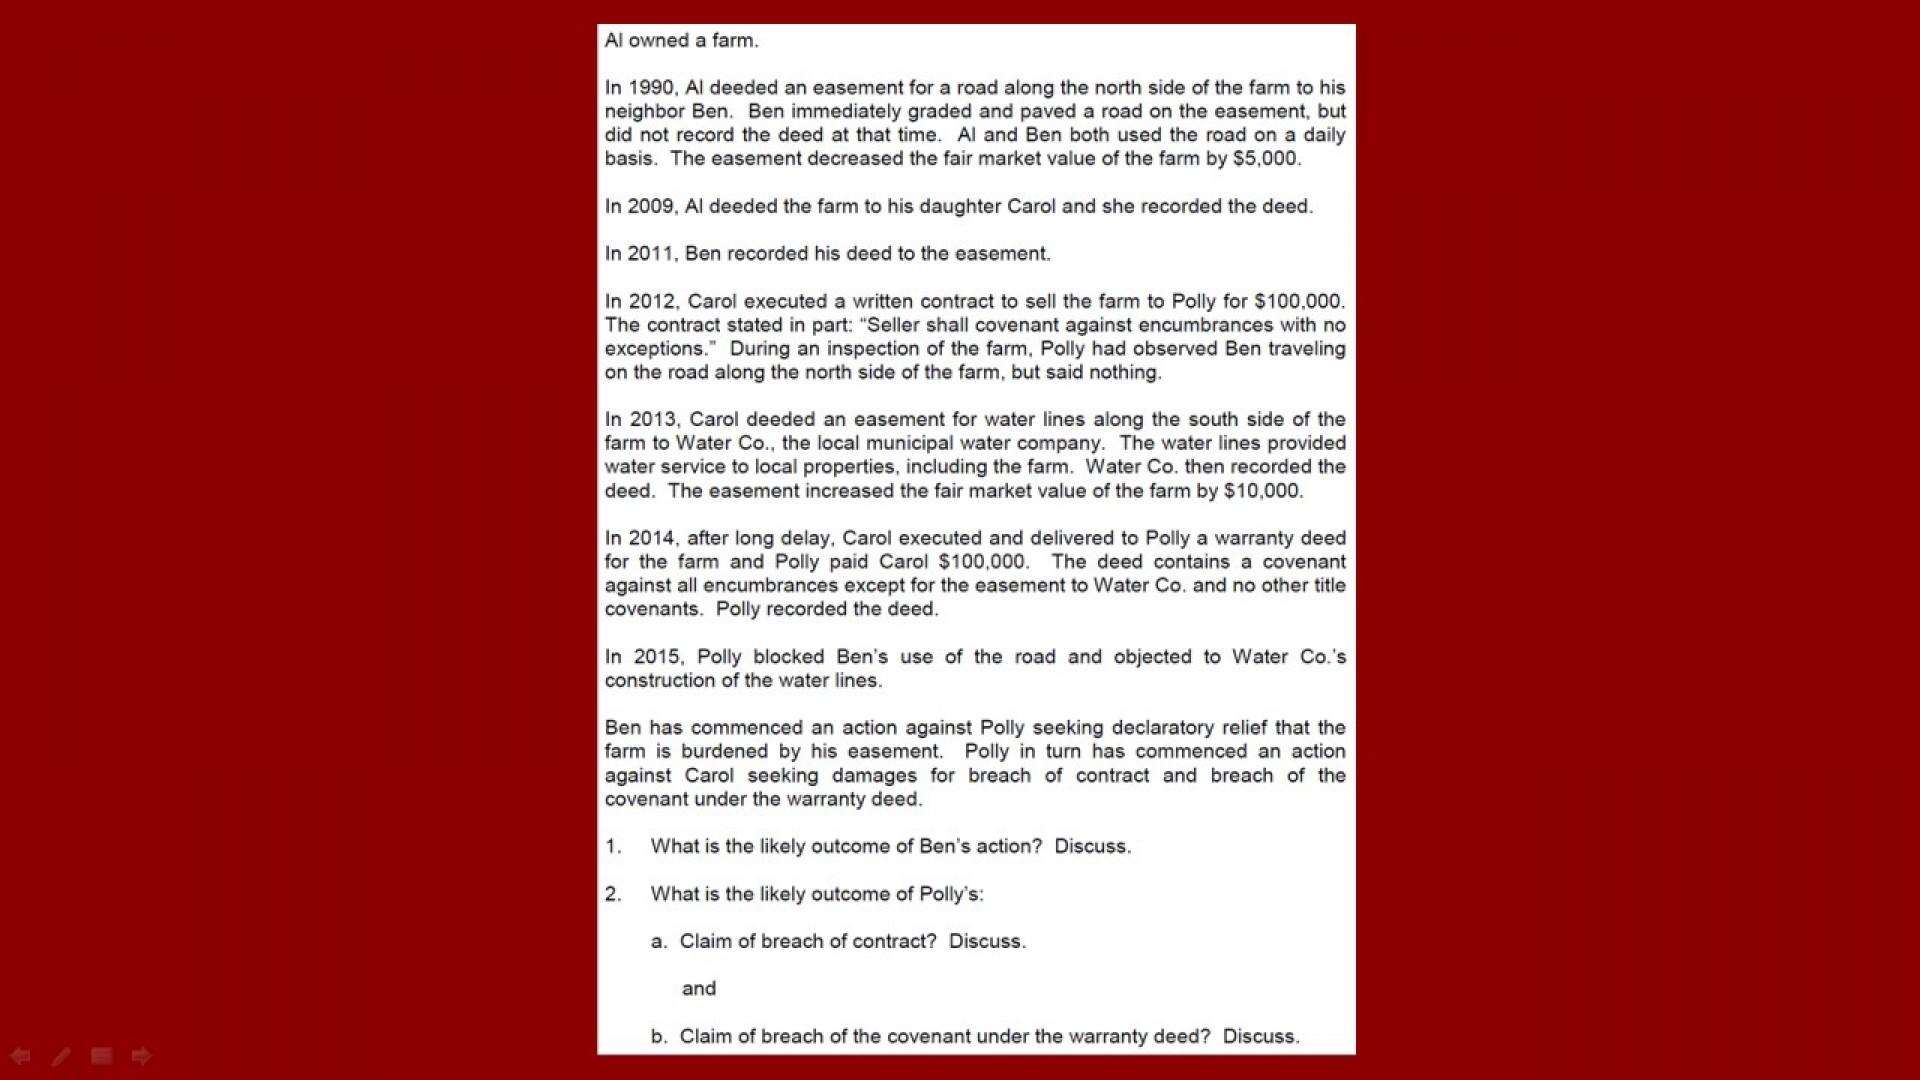 014 California Bar Essays Essay Example Marvelous July 2017 Exam Graded February 2018 1920